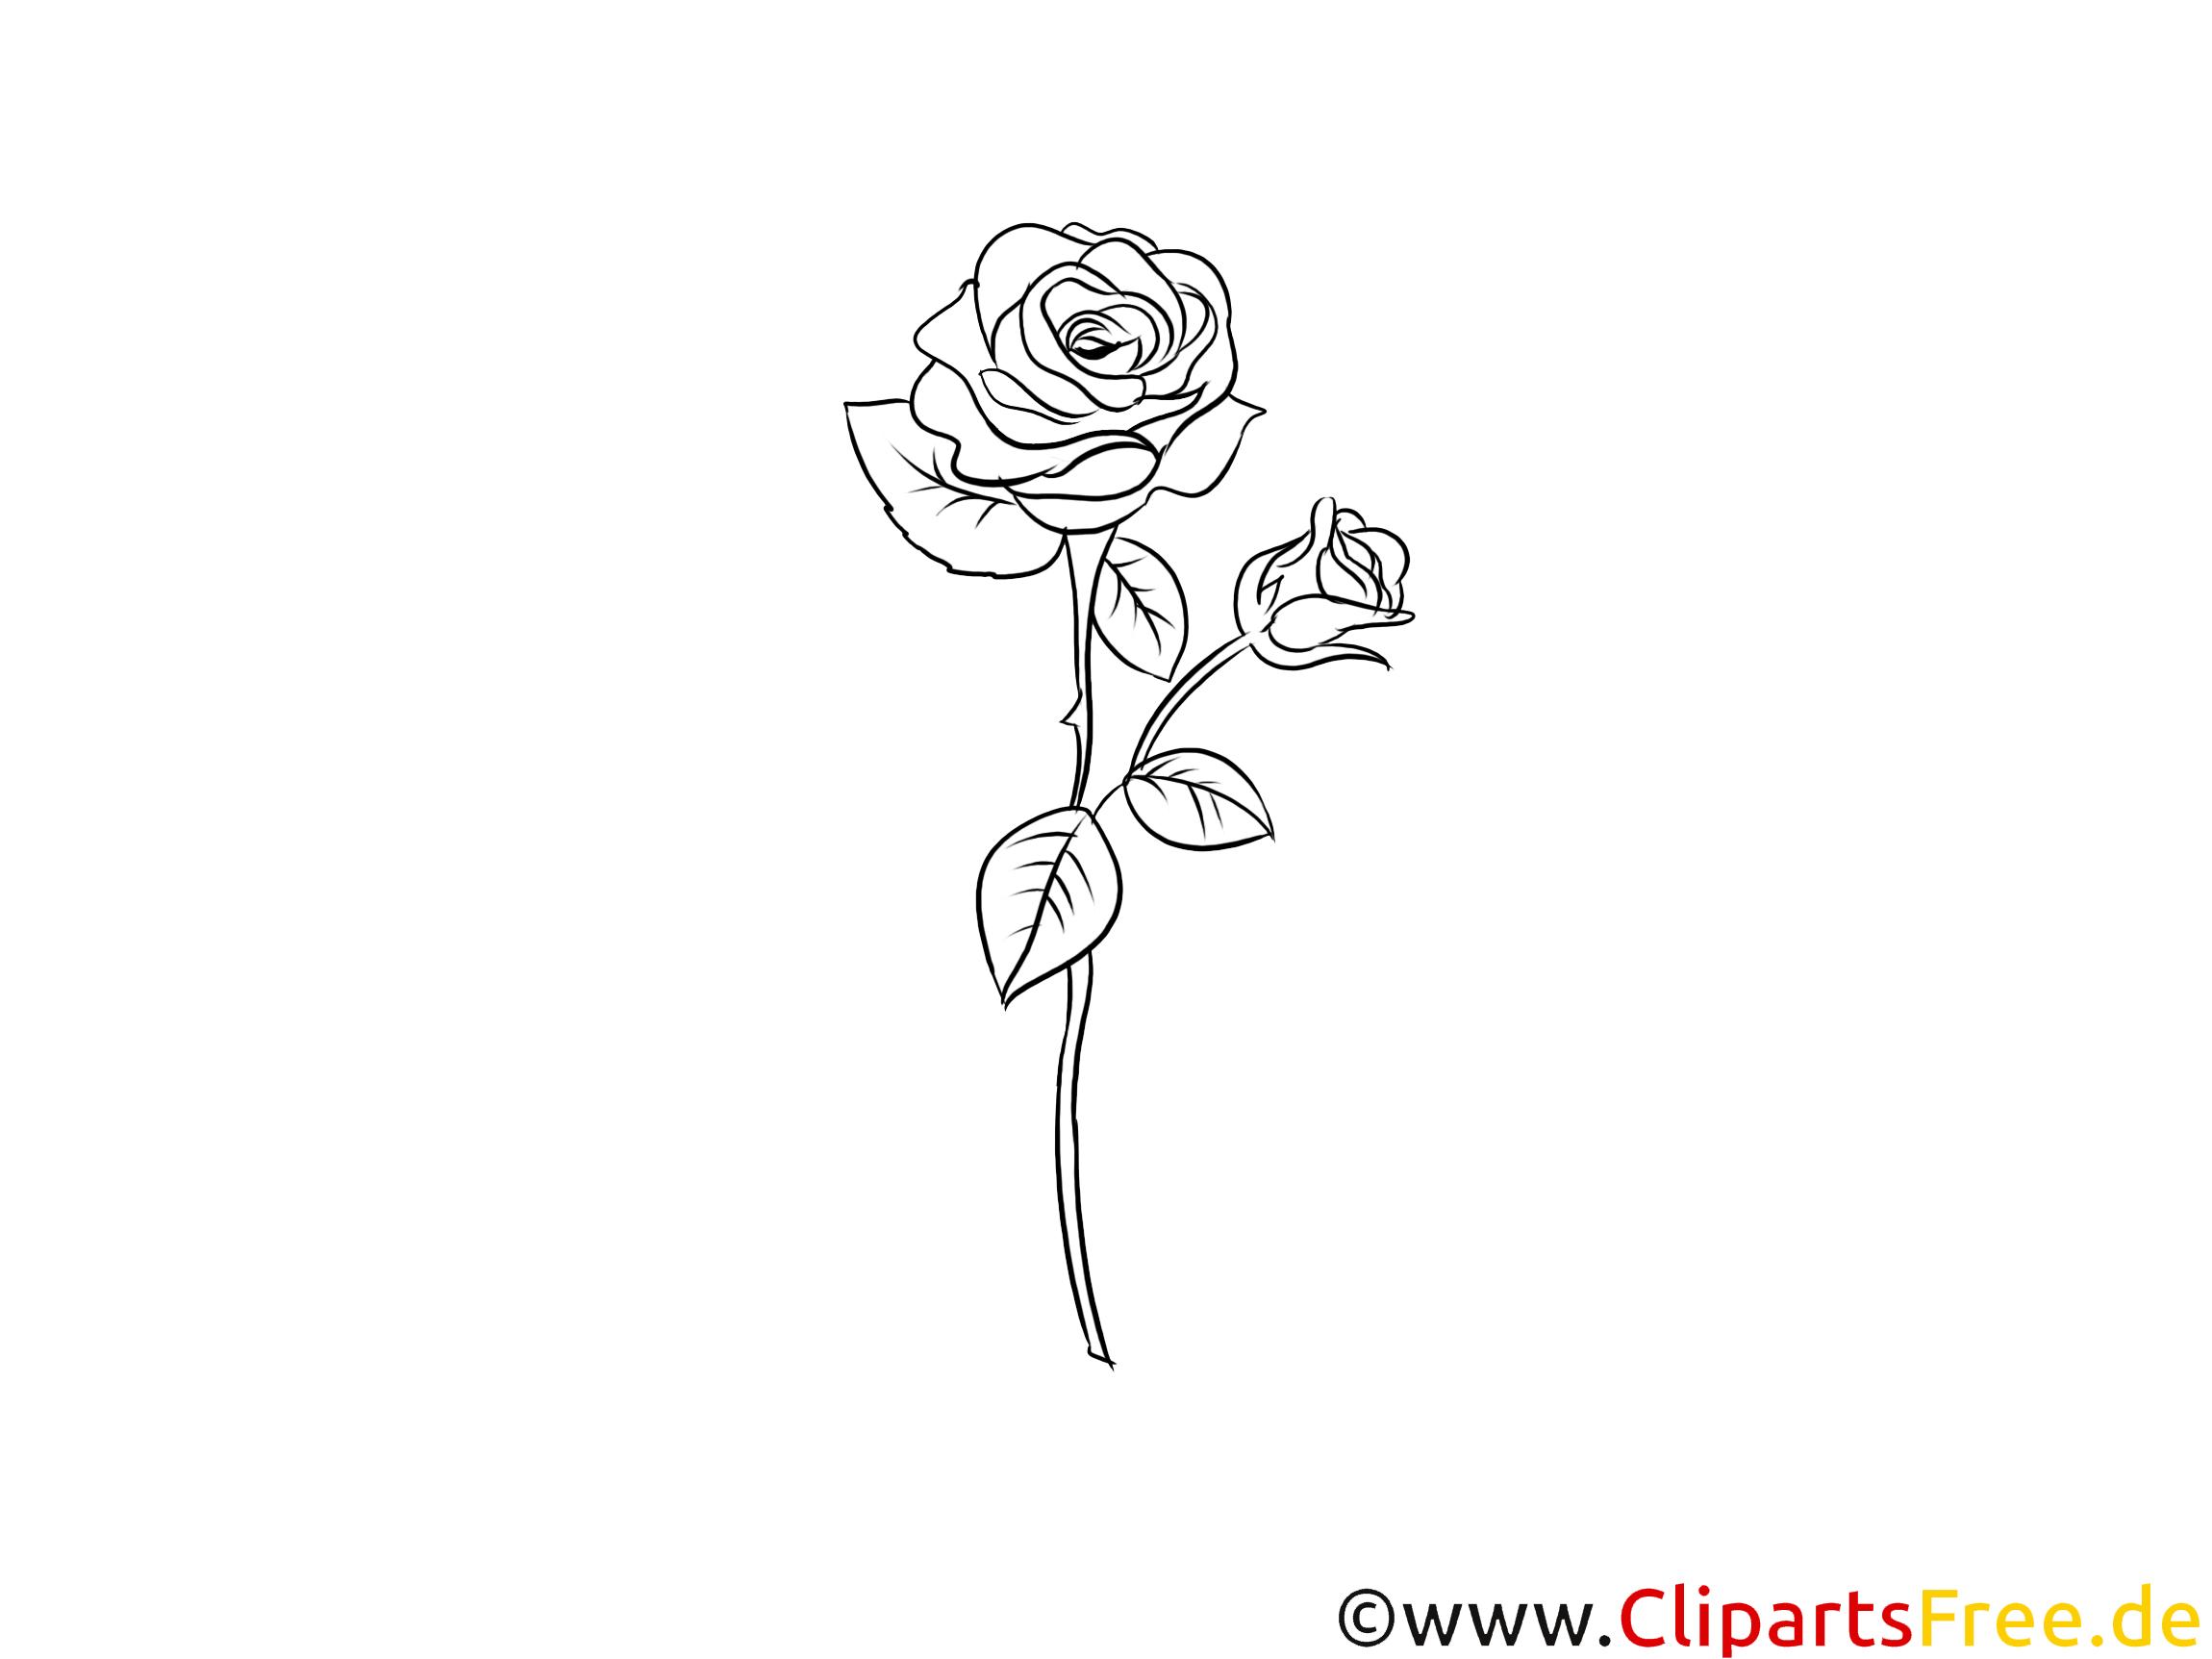 Grafik Rose schwarz weiß